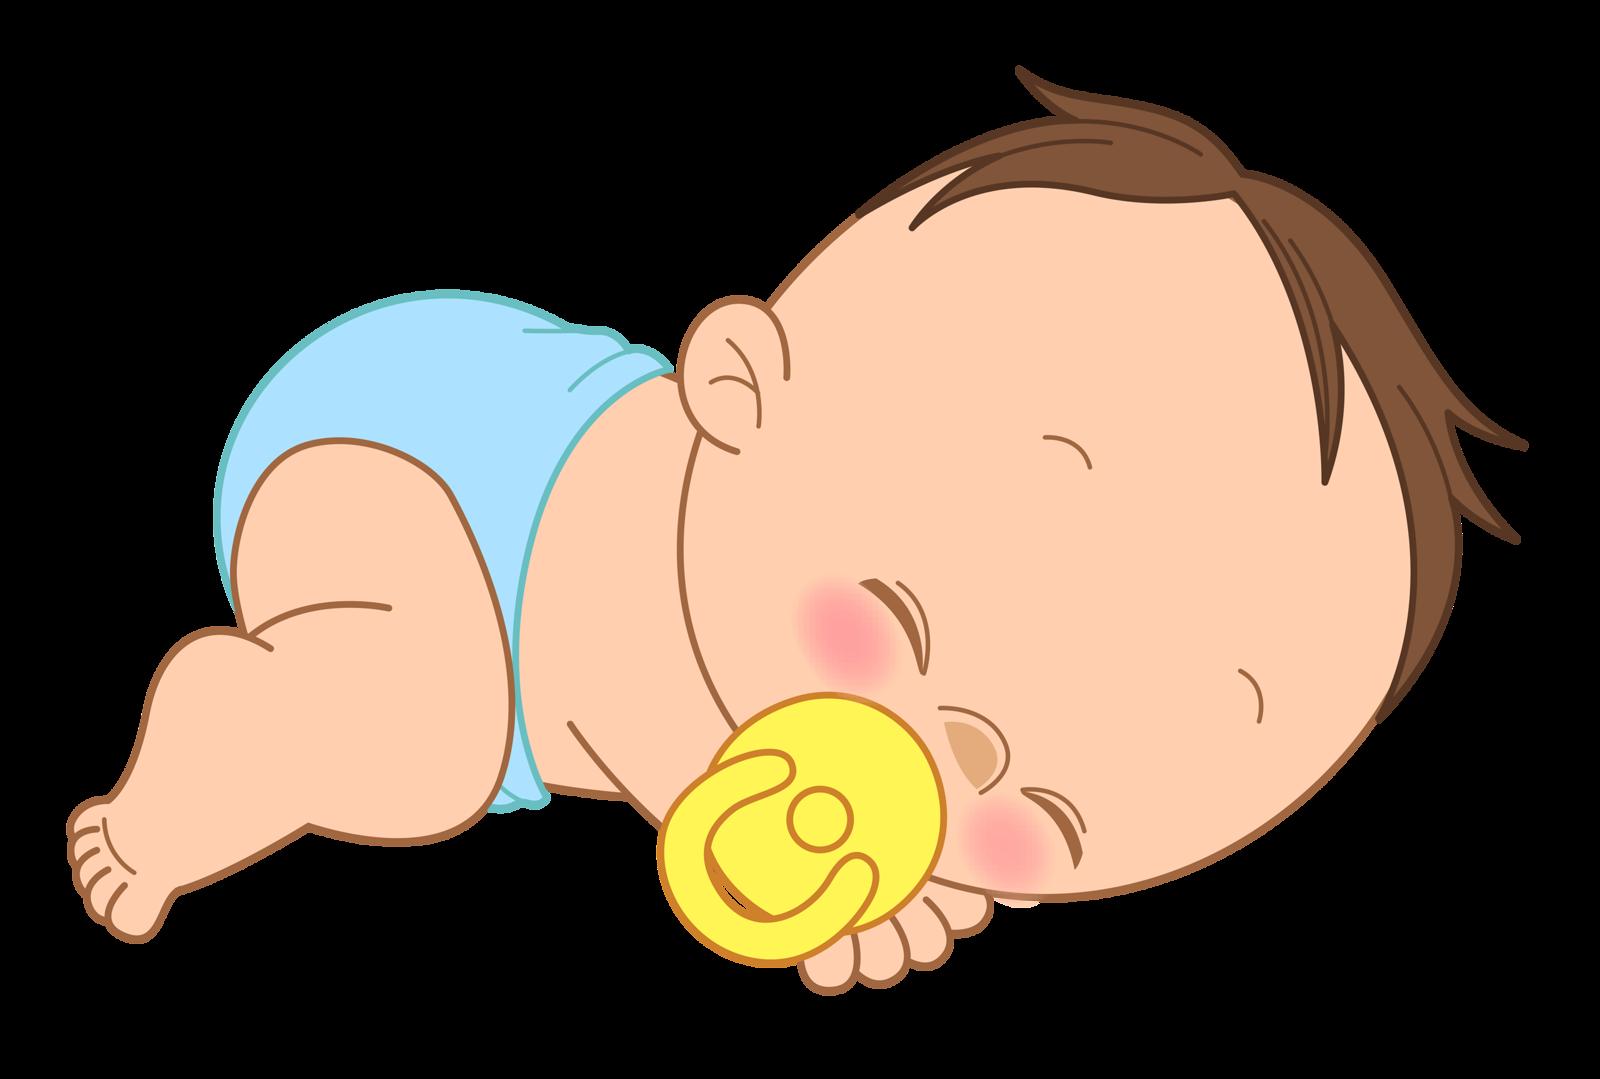 Картинка для малыша пнг, спасибо